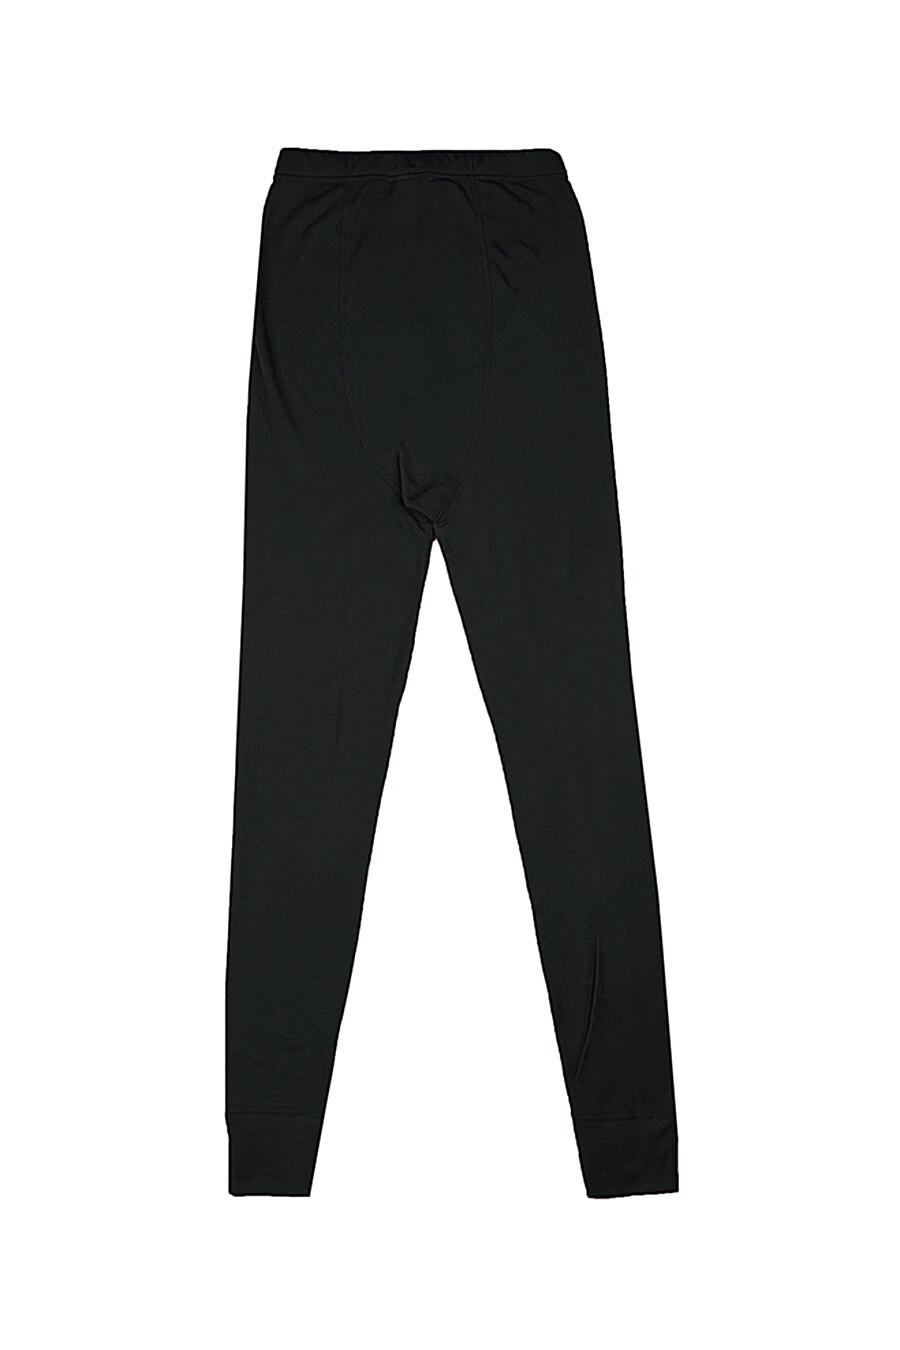 Рейтузы для женщин Archi 131390 купить оптом от производителя. Совместная покупка женской одежды в OptMoyo